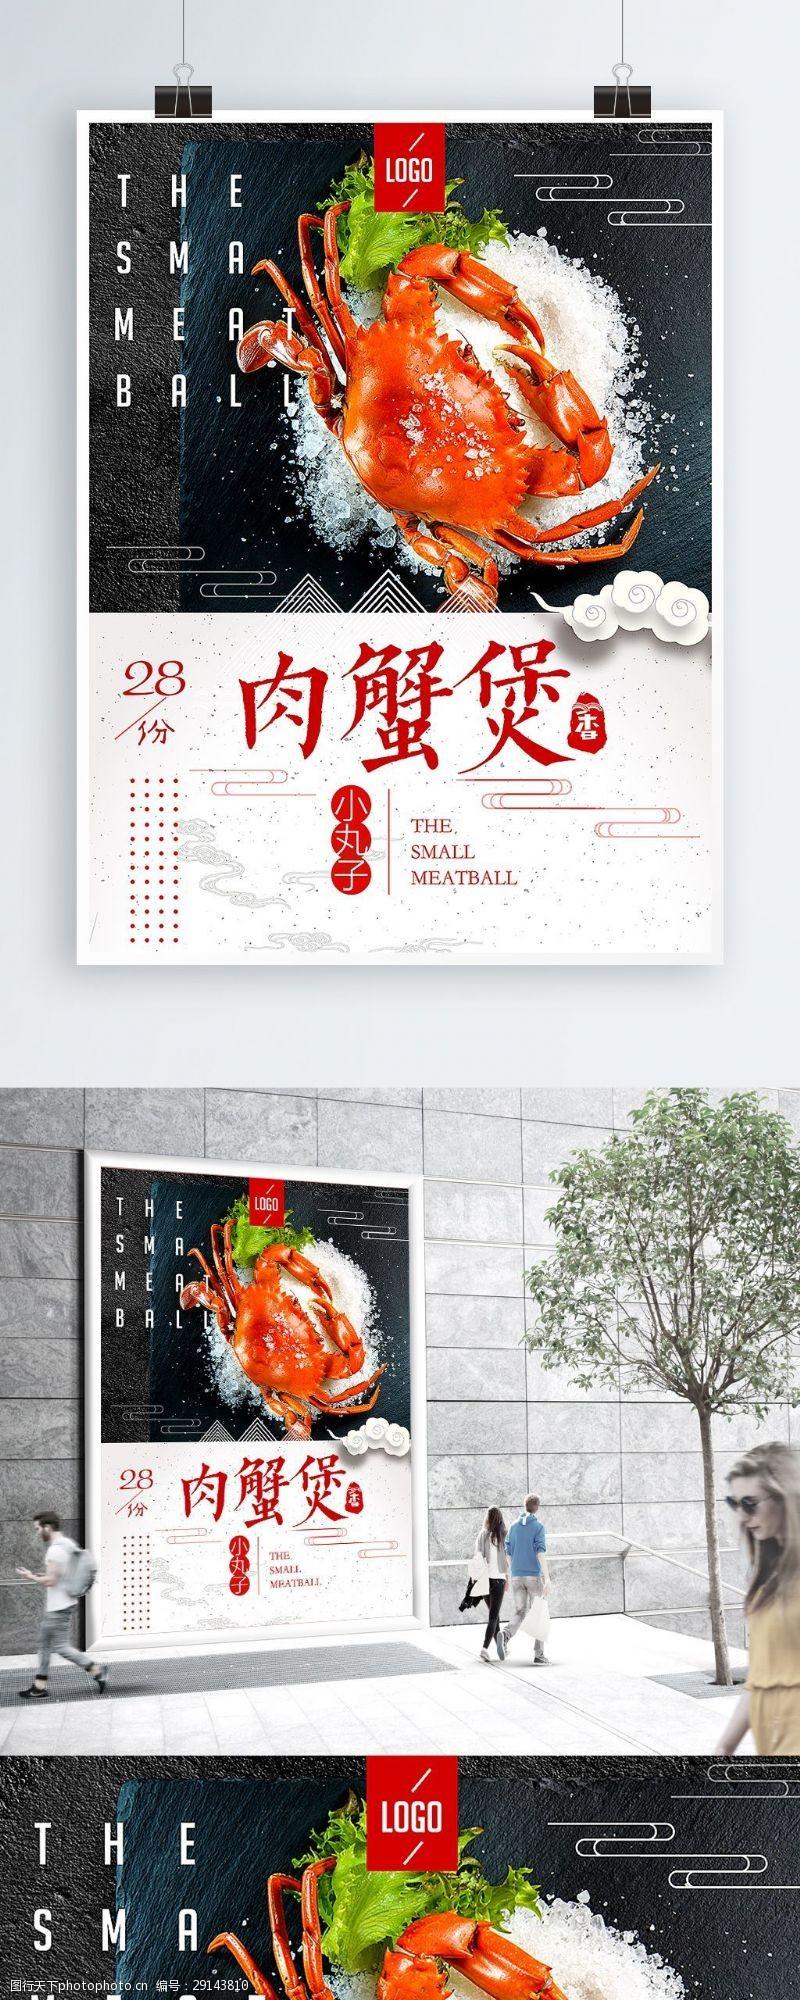 中國風川味麻辣香辣蟹海報